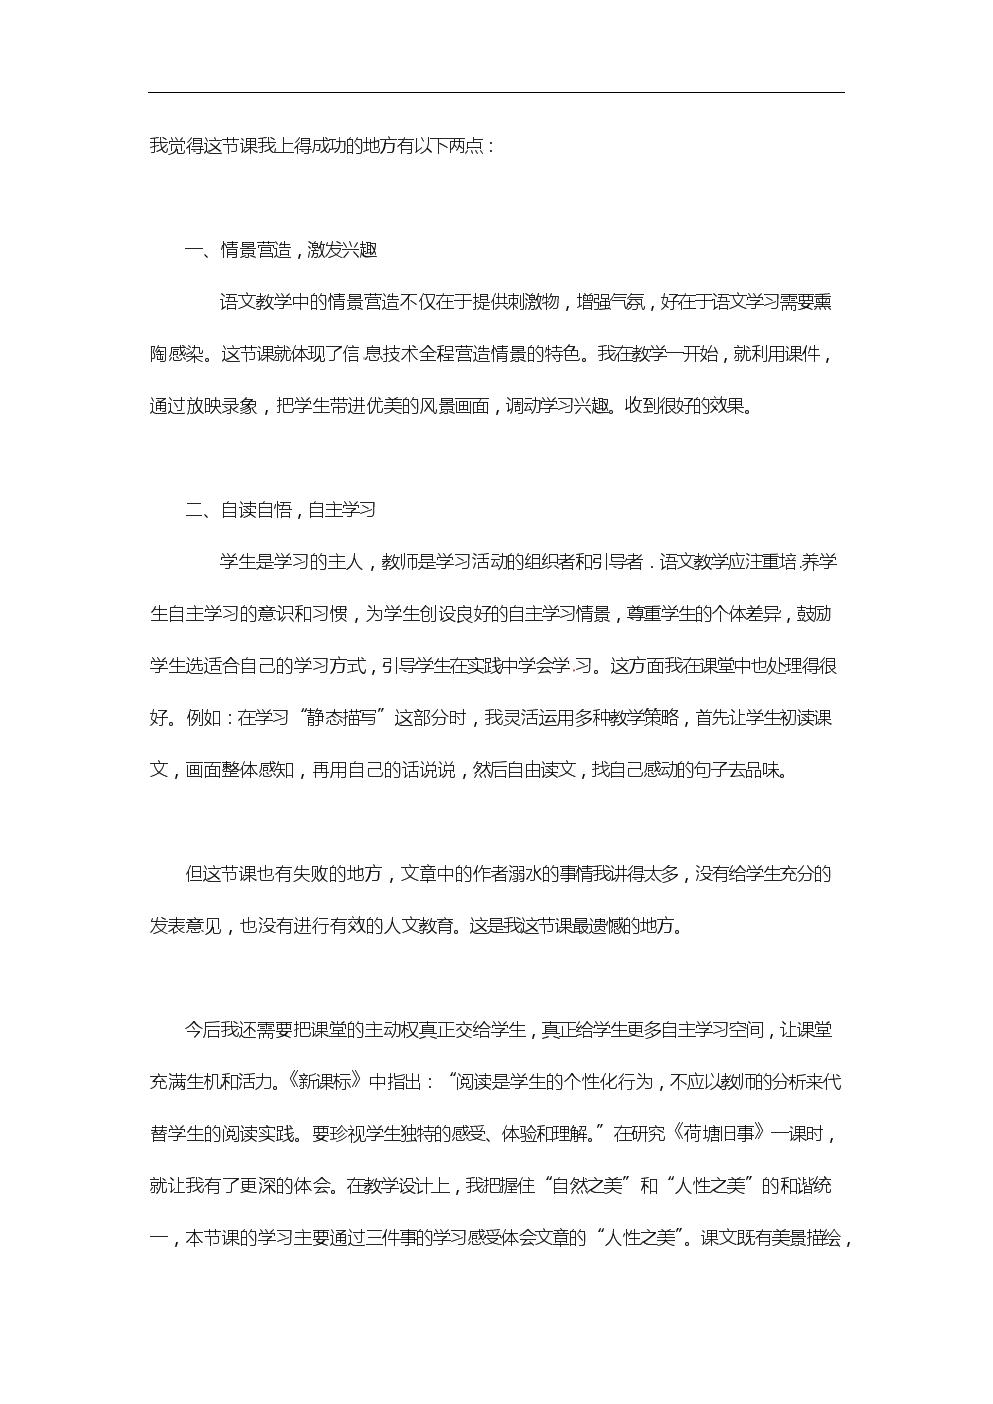 五年级上语文教学反思荷塘旧事长春版.docx